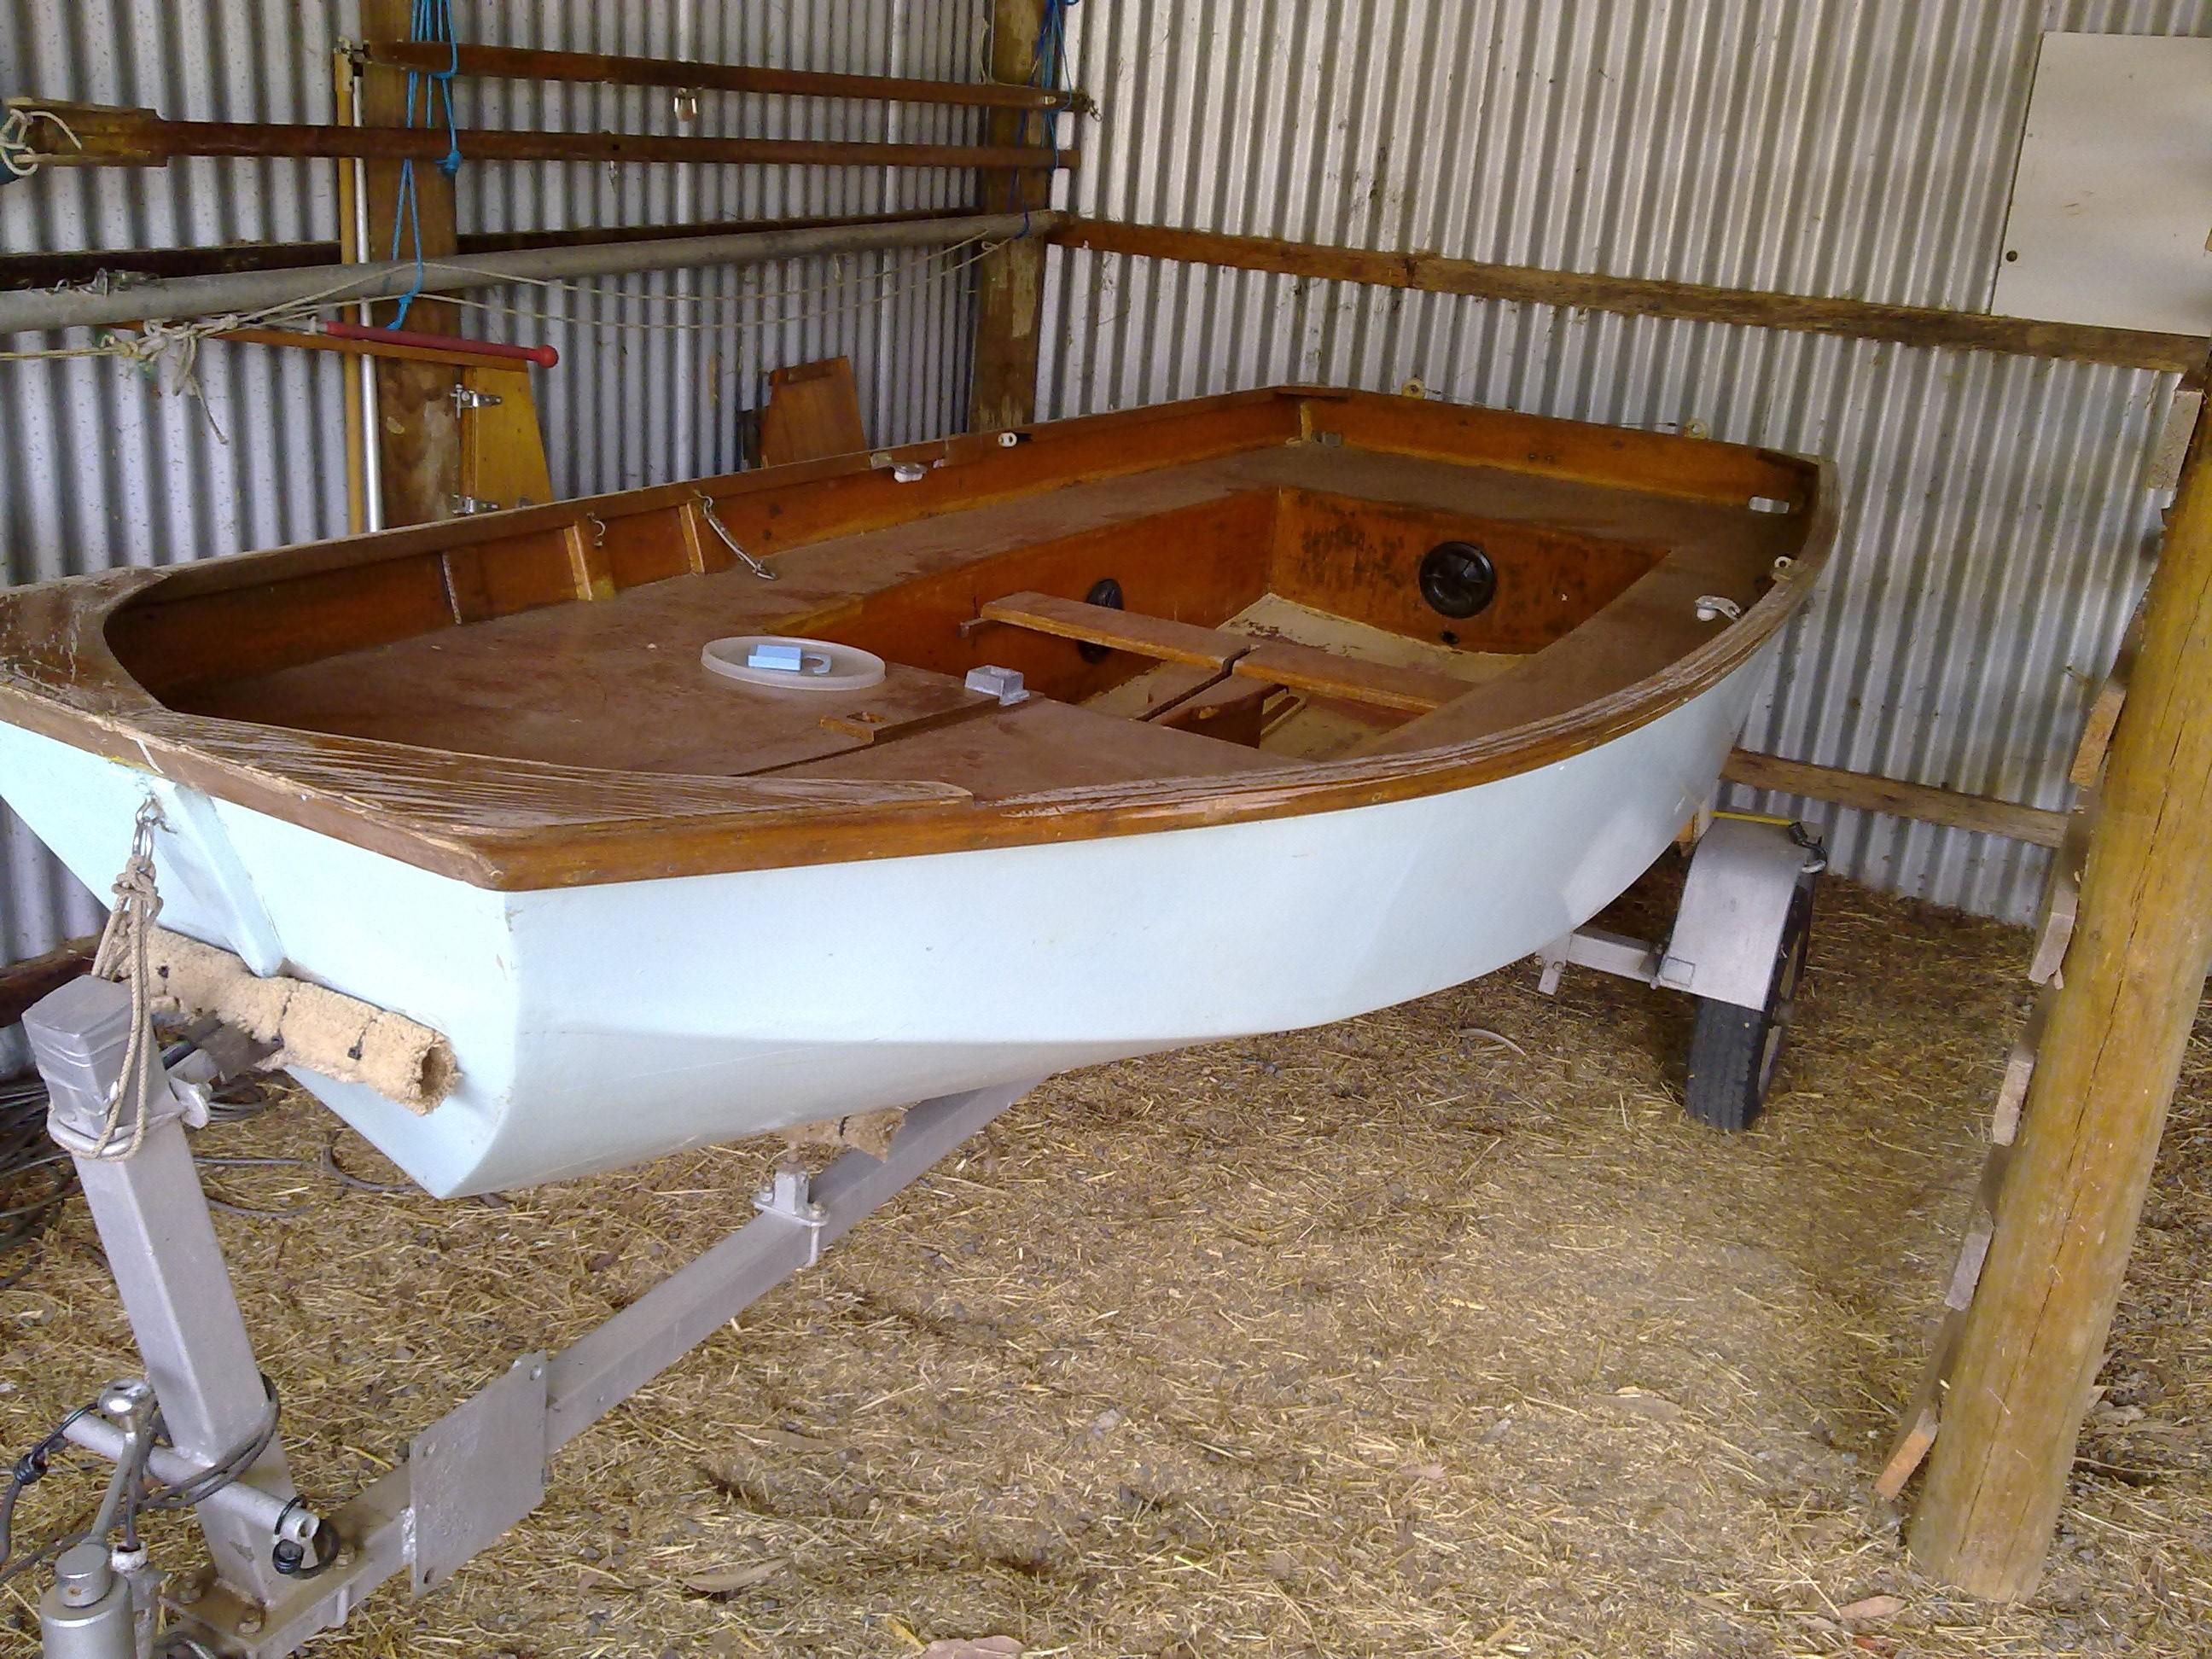 mirror dinghy 41569 the golden rule. Black Bedroom Furniture Sets. Home Design Ideas